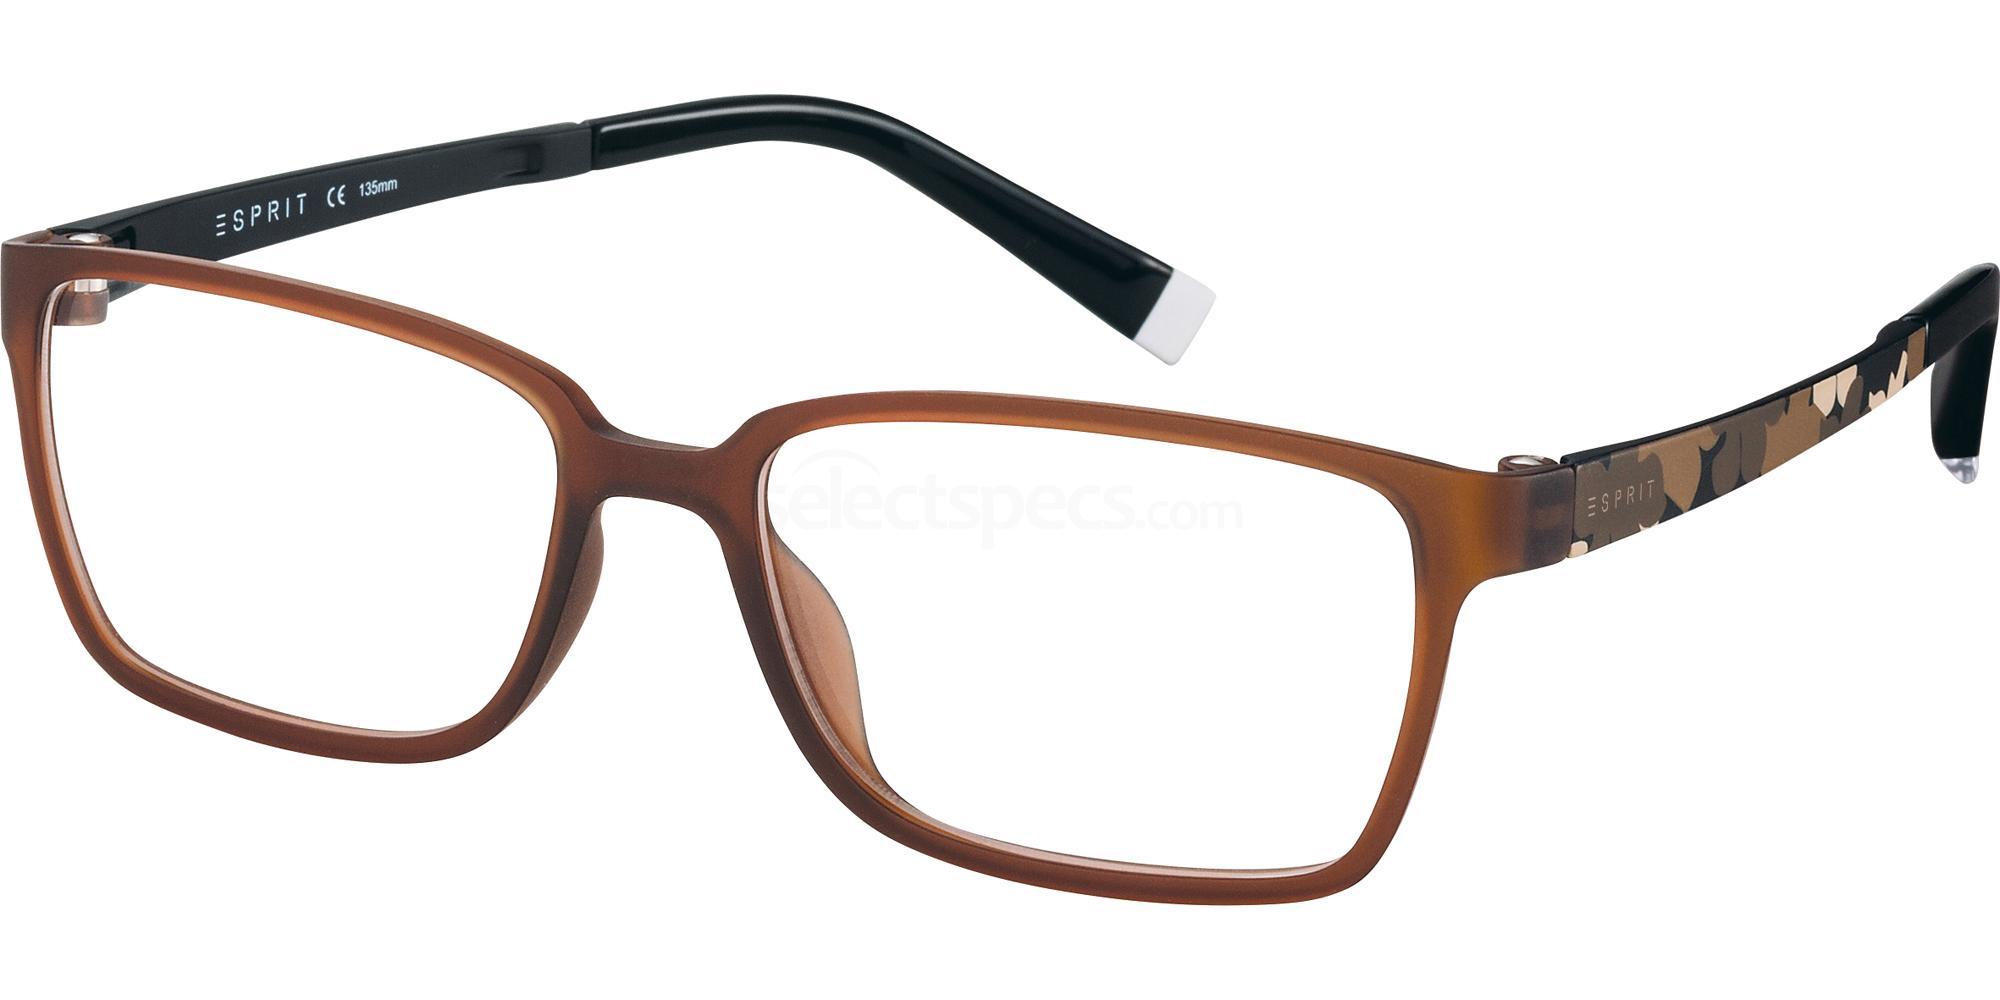 535 ET17486 Glasses, Esprit